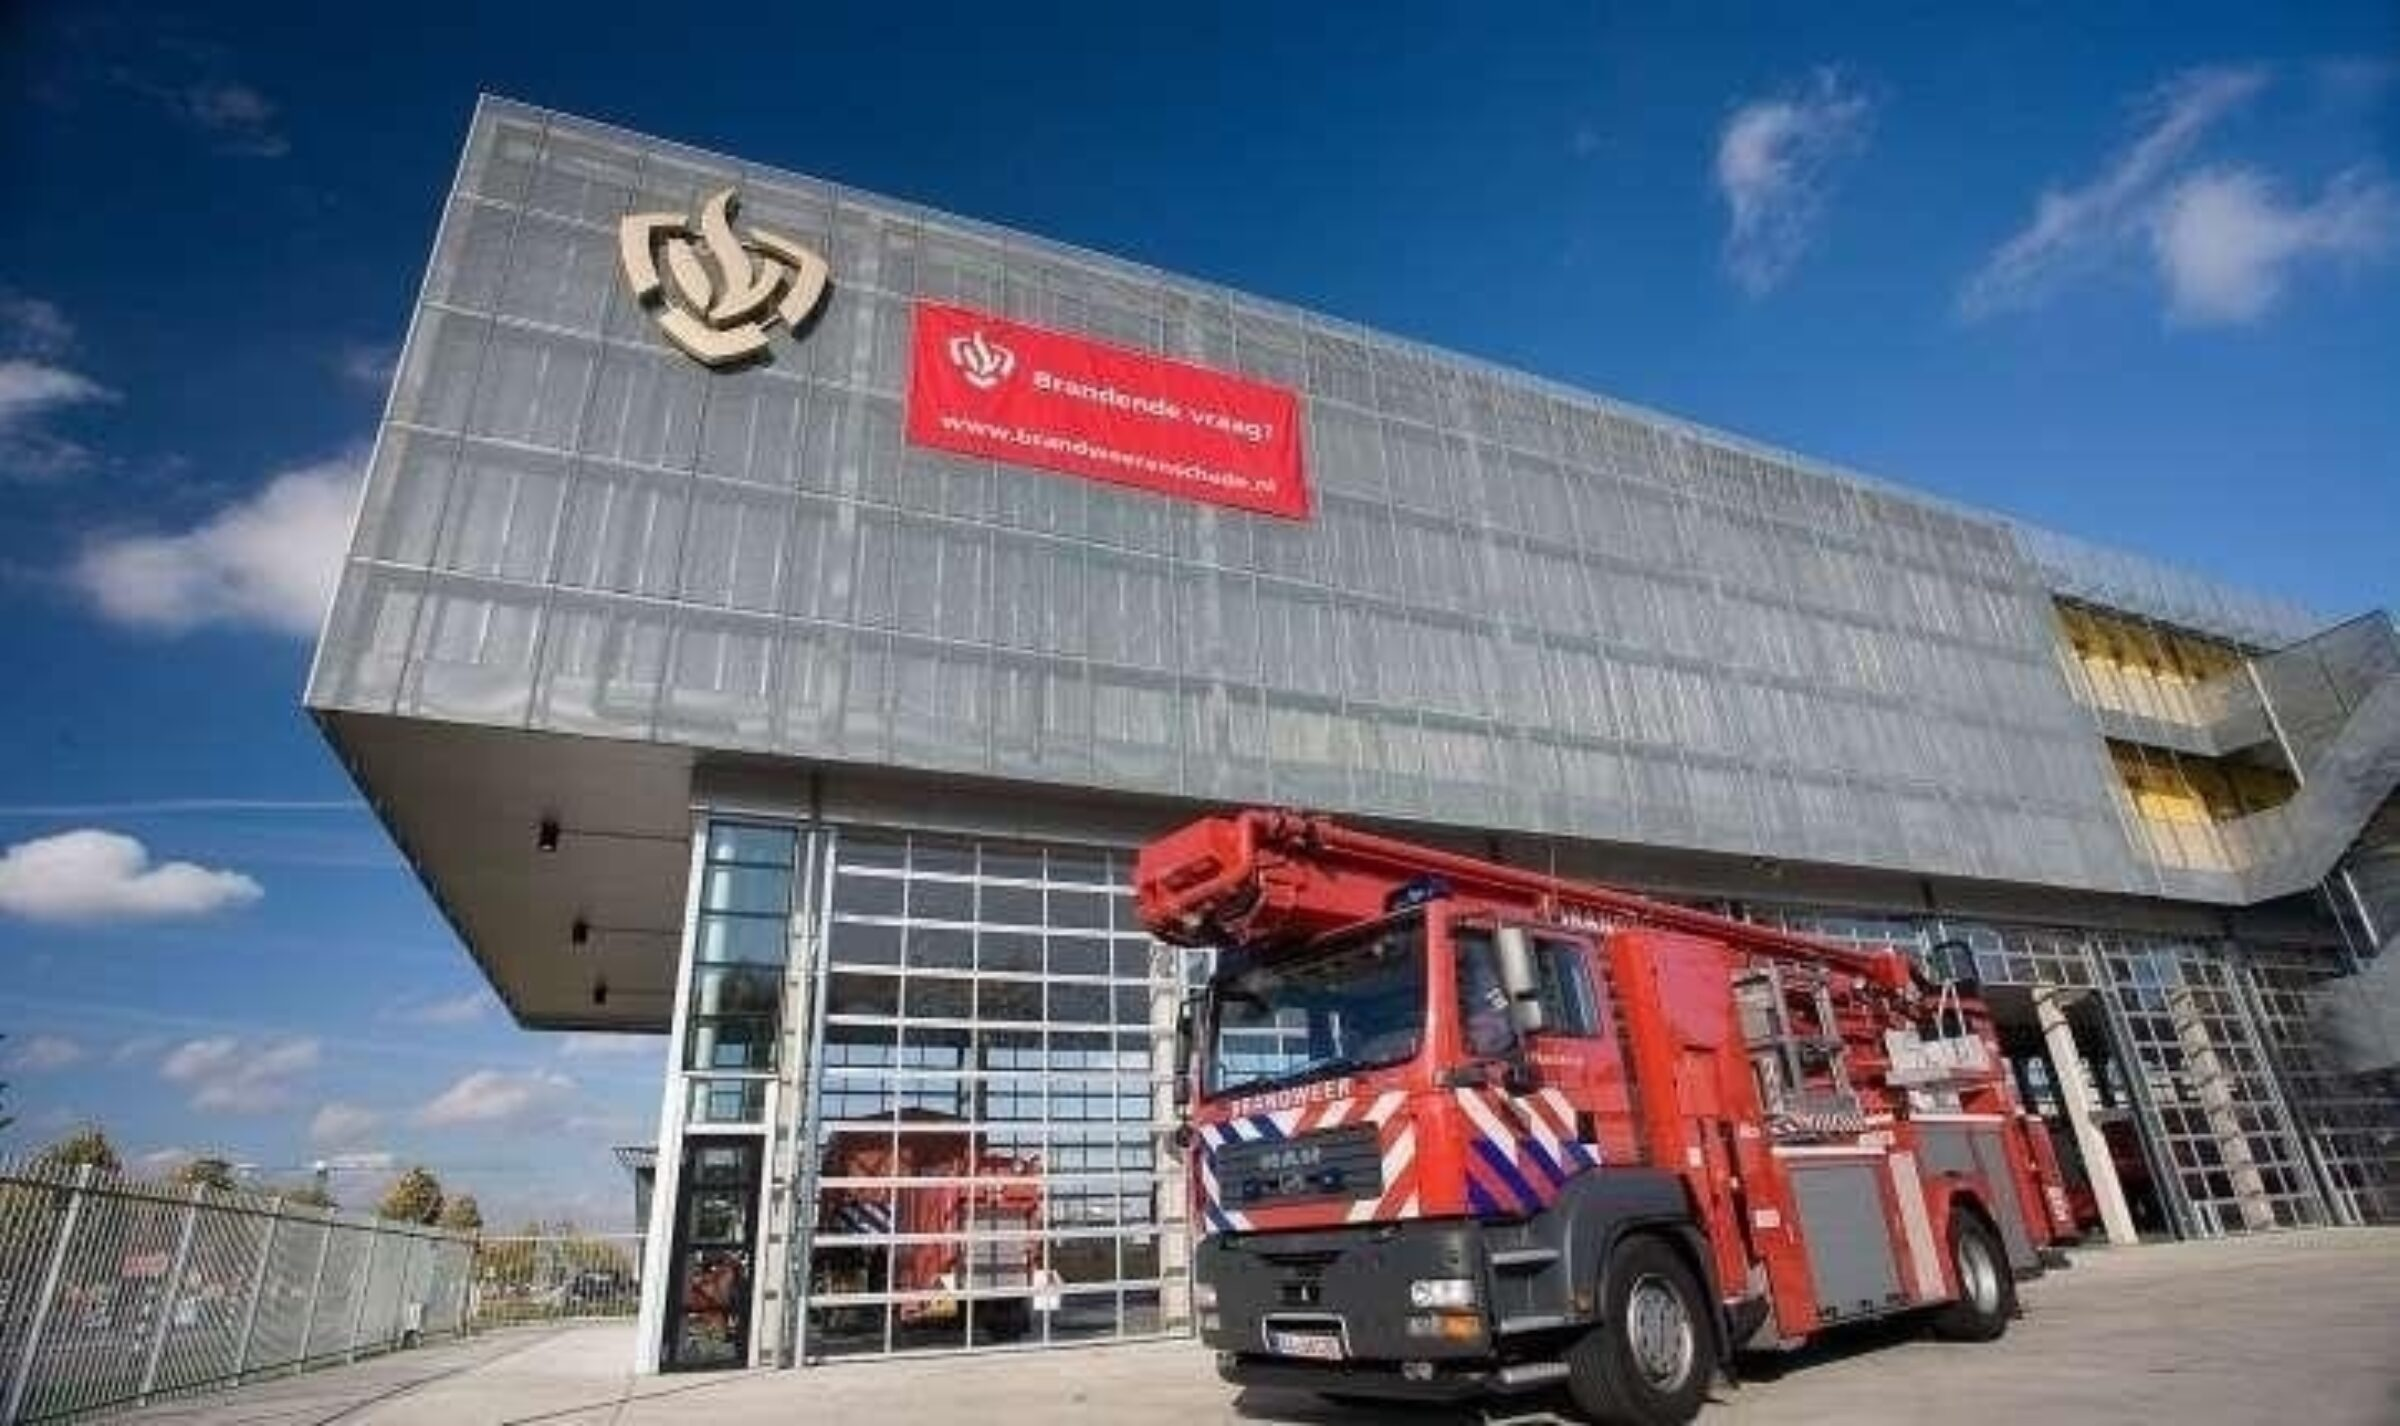 Brandweer Enschede